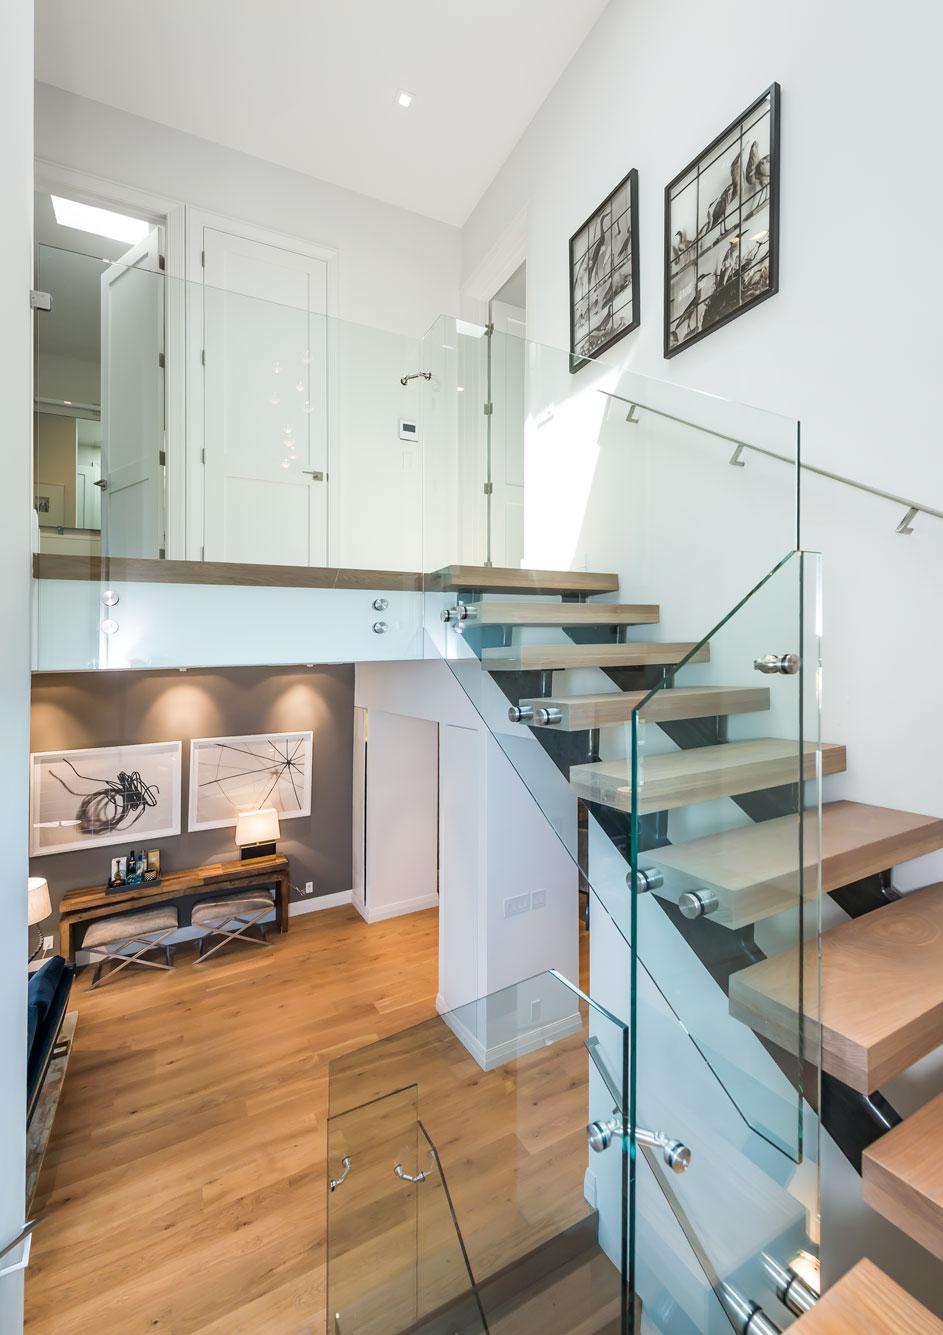 stairs-3 copy.jpg